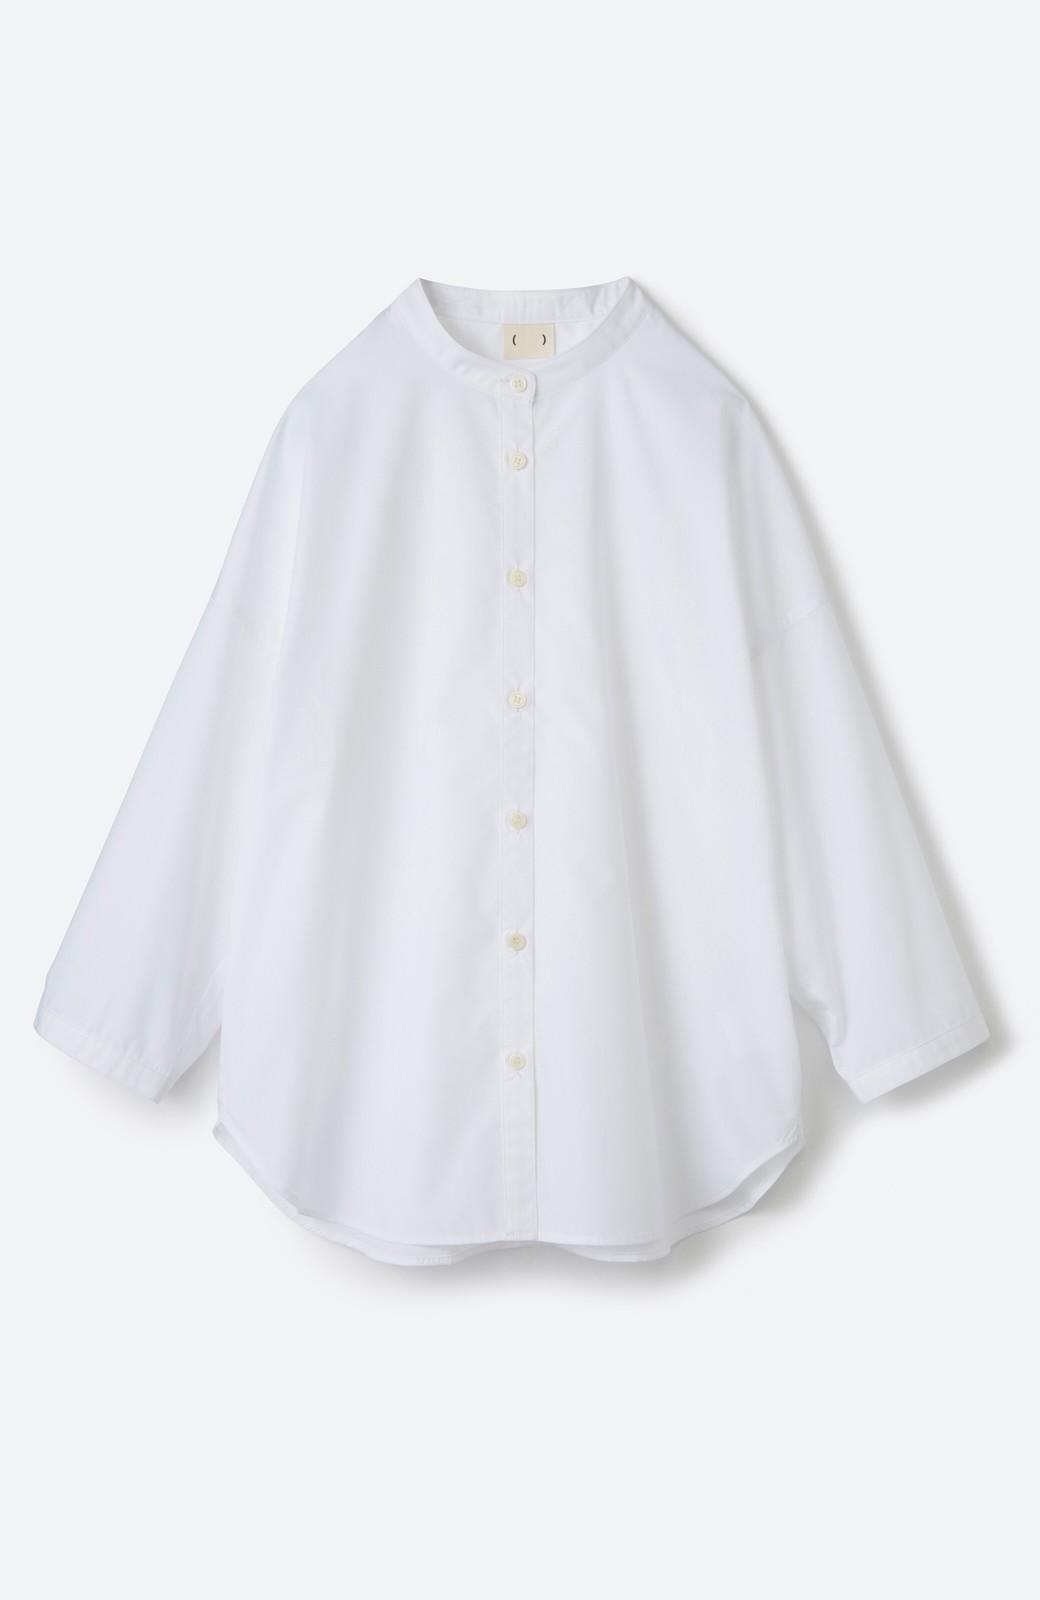 haco! 【あまる肩幅党】肩幅広めがなんのその! きちんと見えて肩まわりゆったりの定番スタンドカラーシャツ <ホワイト>の商品写真9